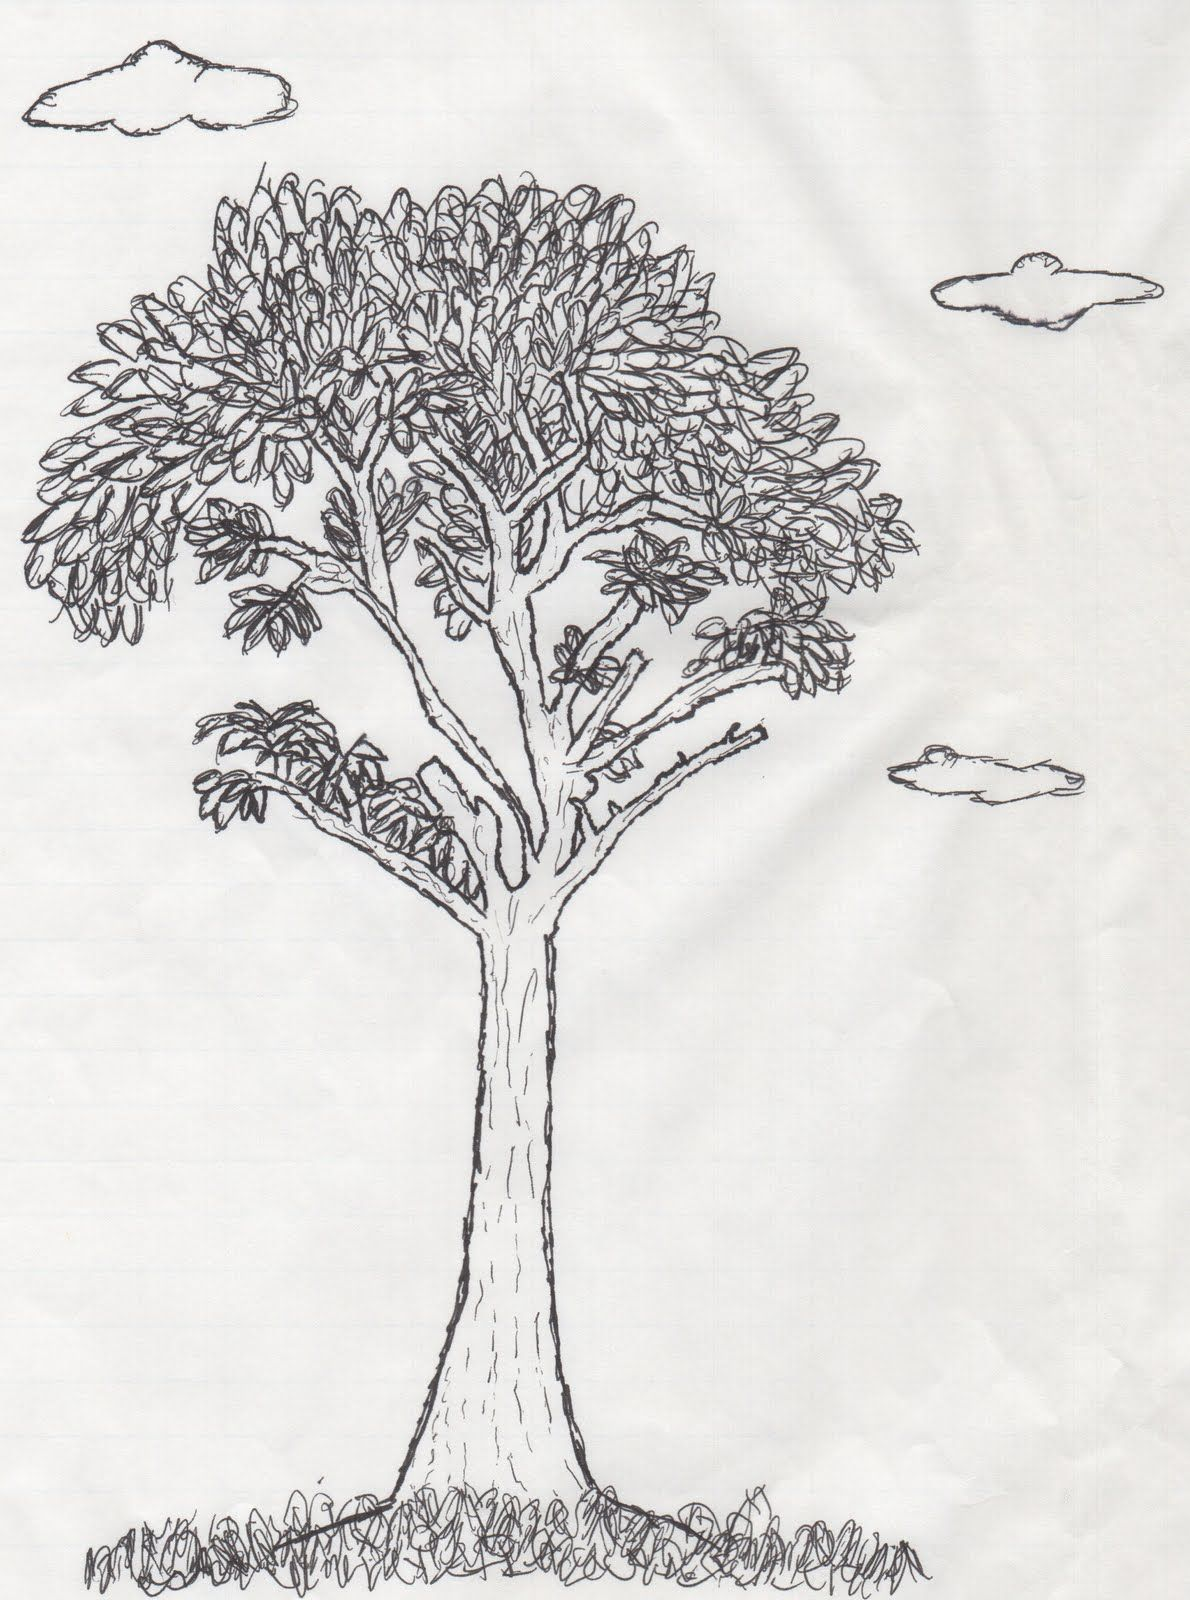 Kolay Karakalem Çalışmaları Çizimleri Örnekler